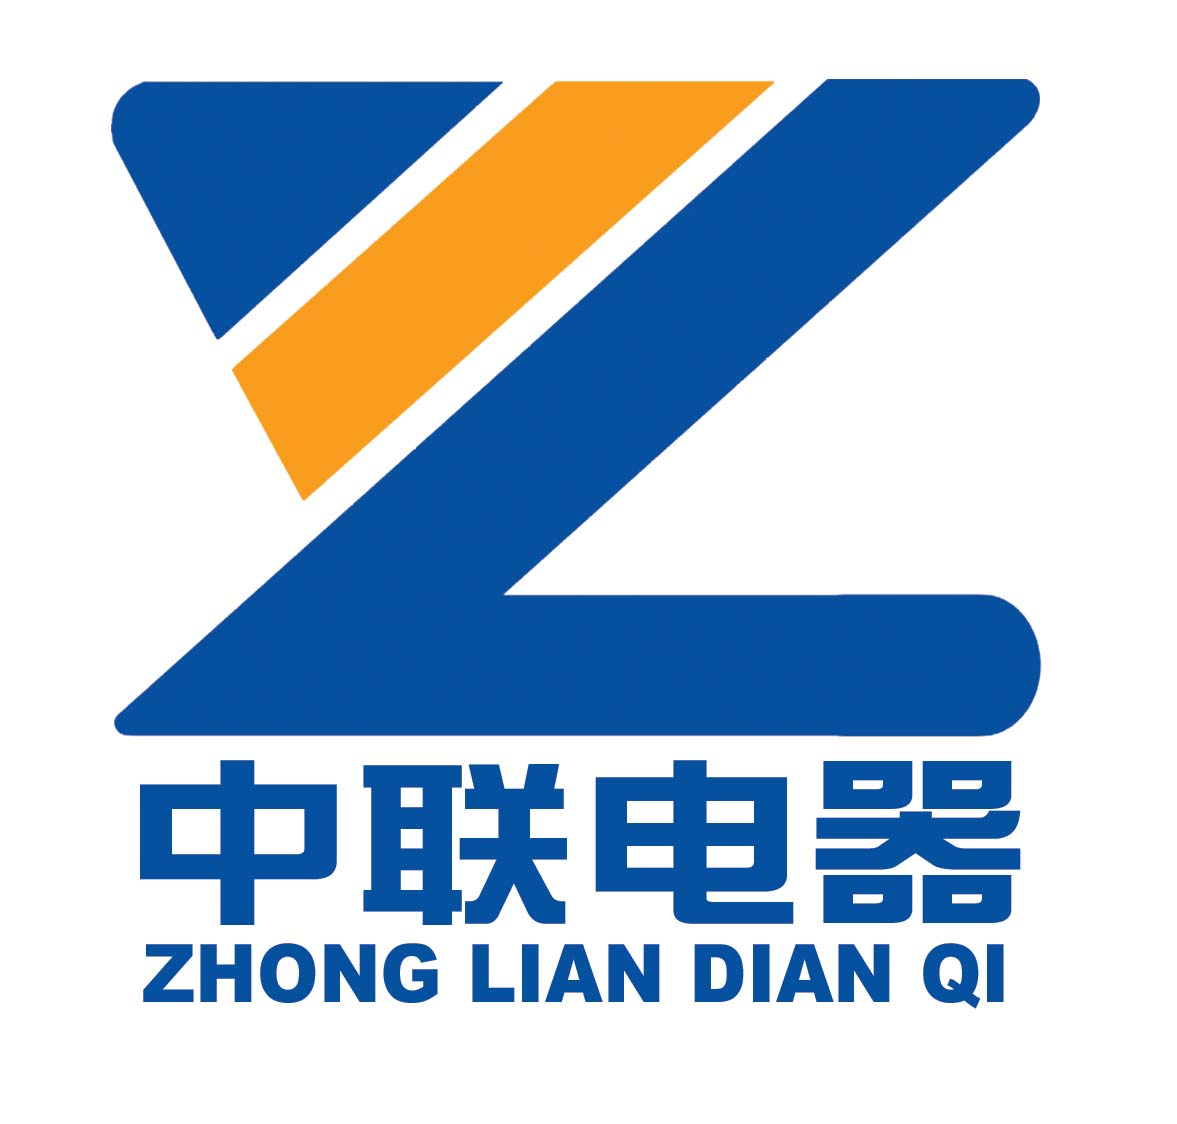 logo logo 标志 设计 矢量 矢量图 素材 图标 1177_1124图片